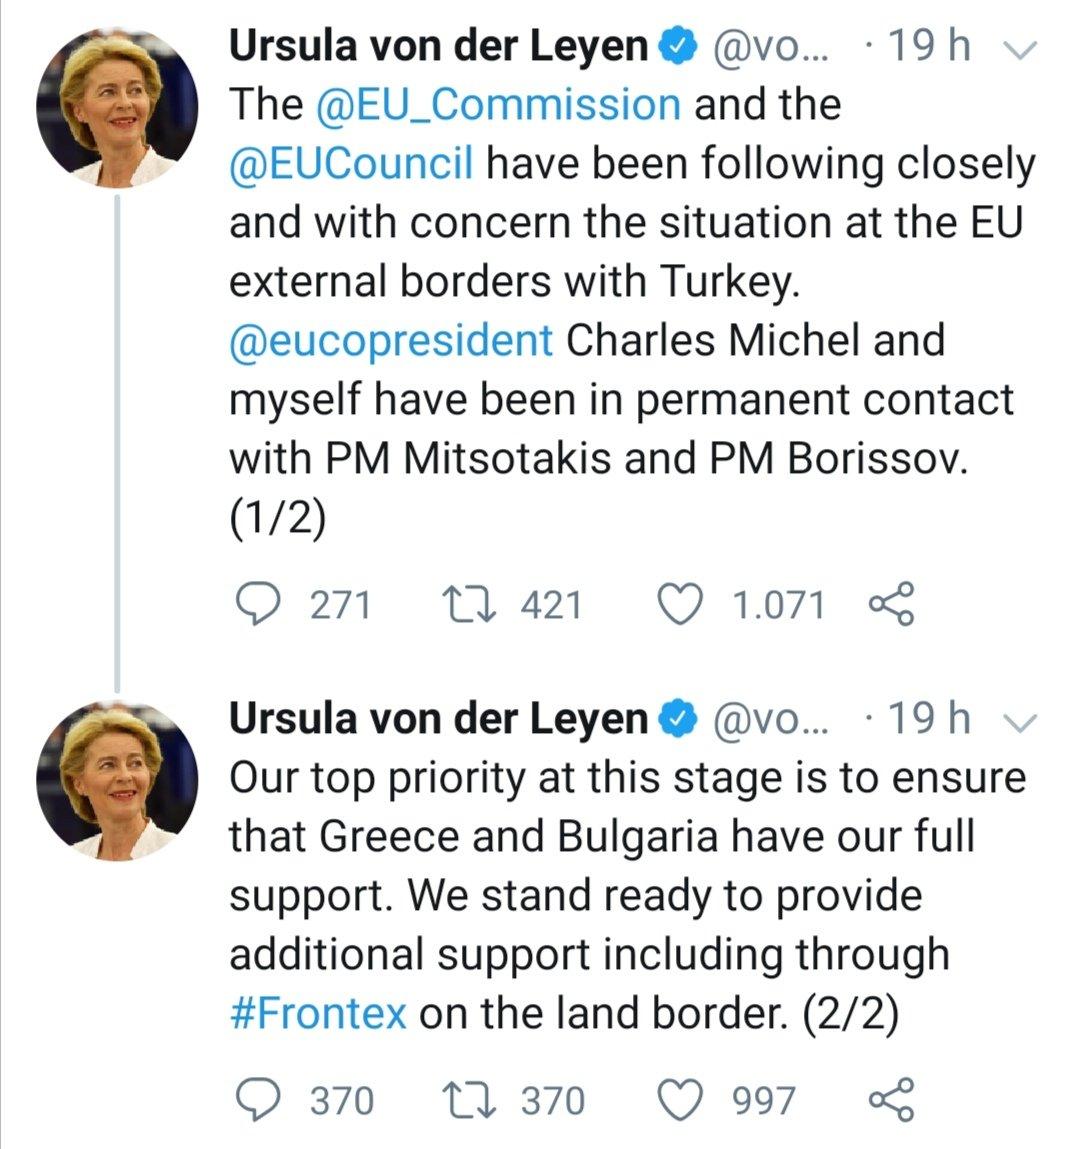 #Frontex